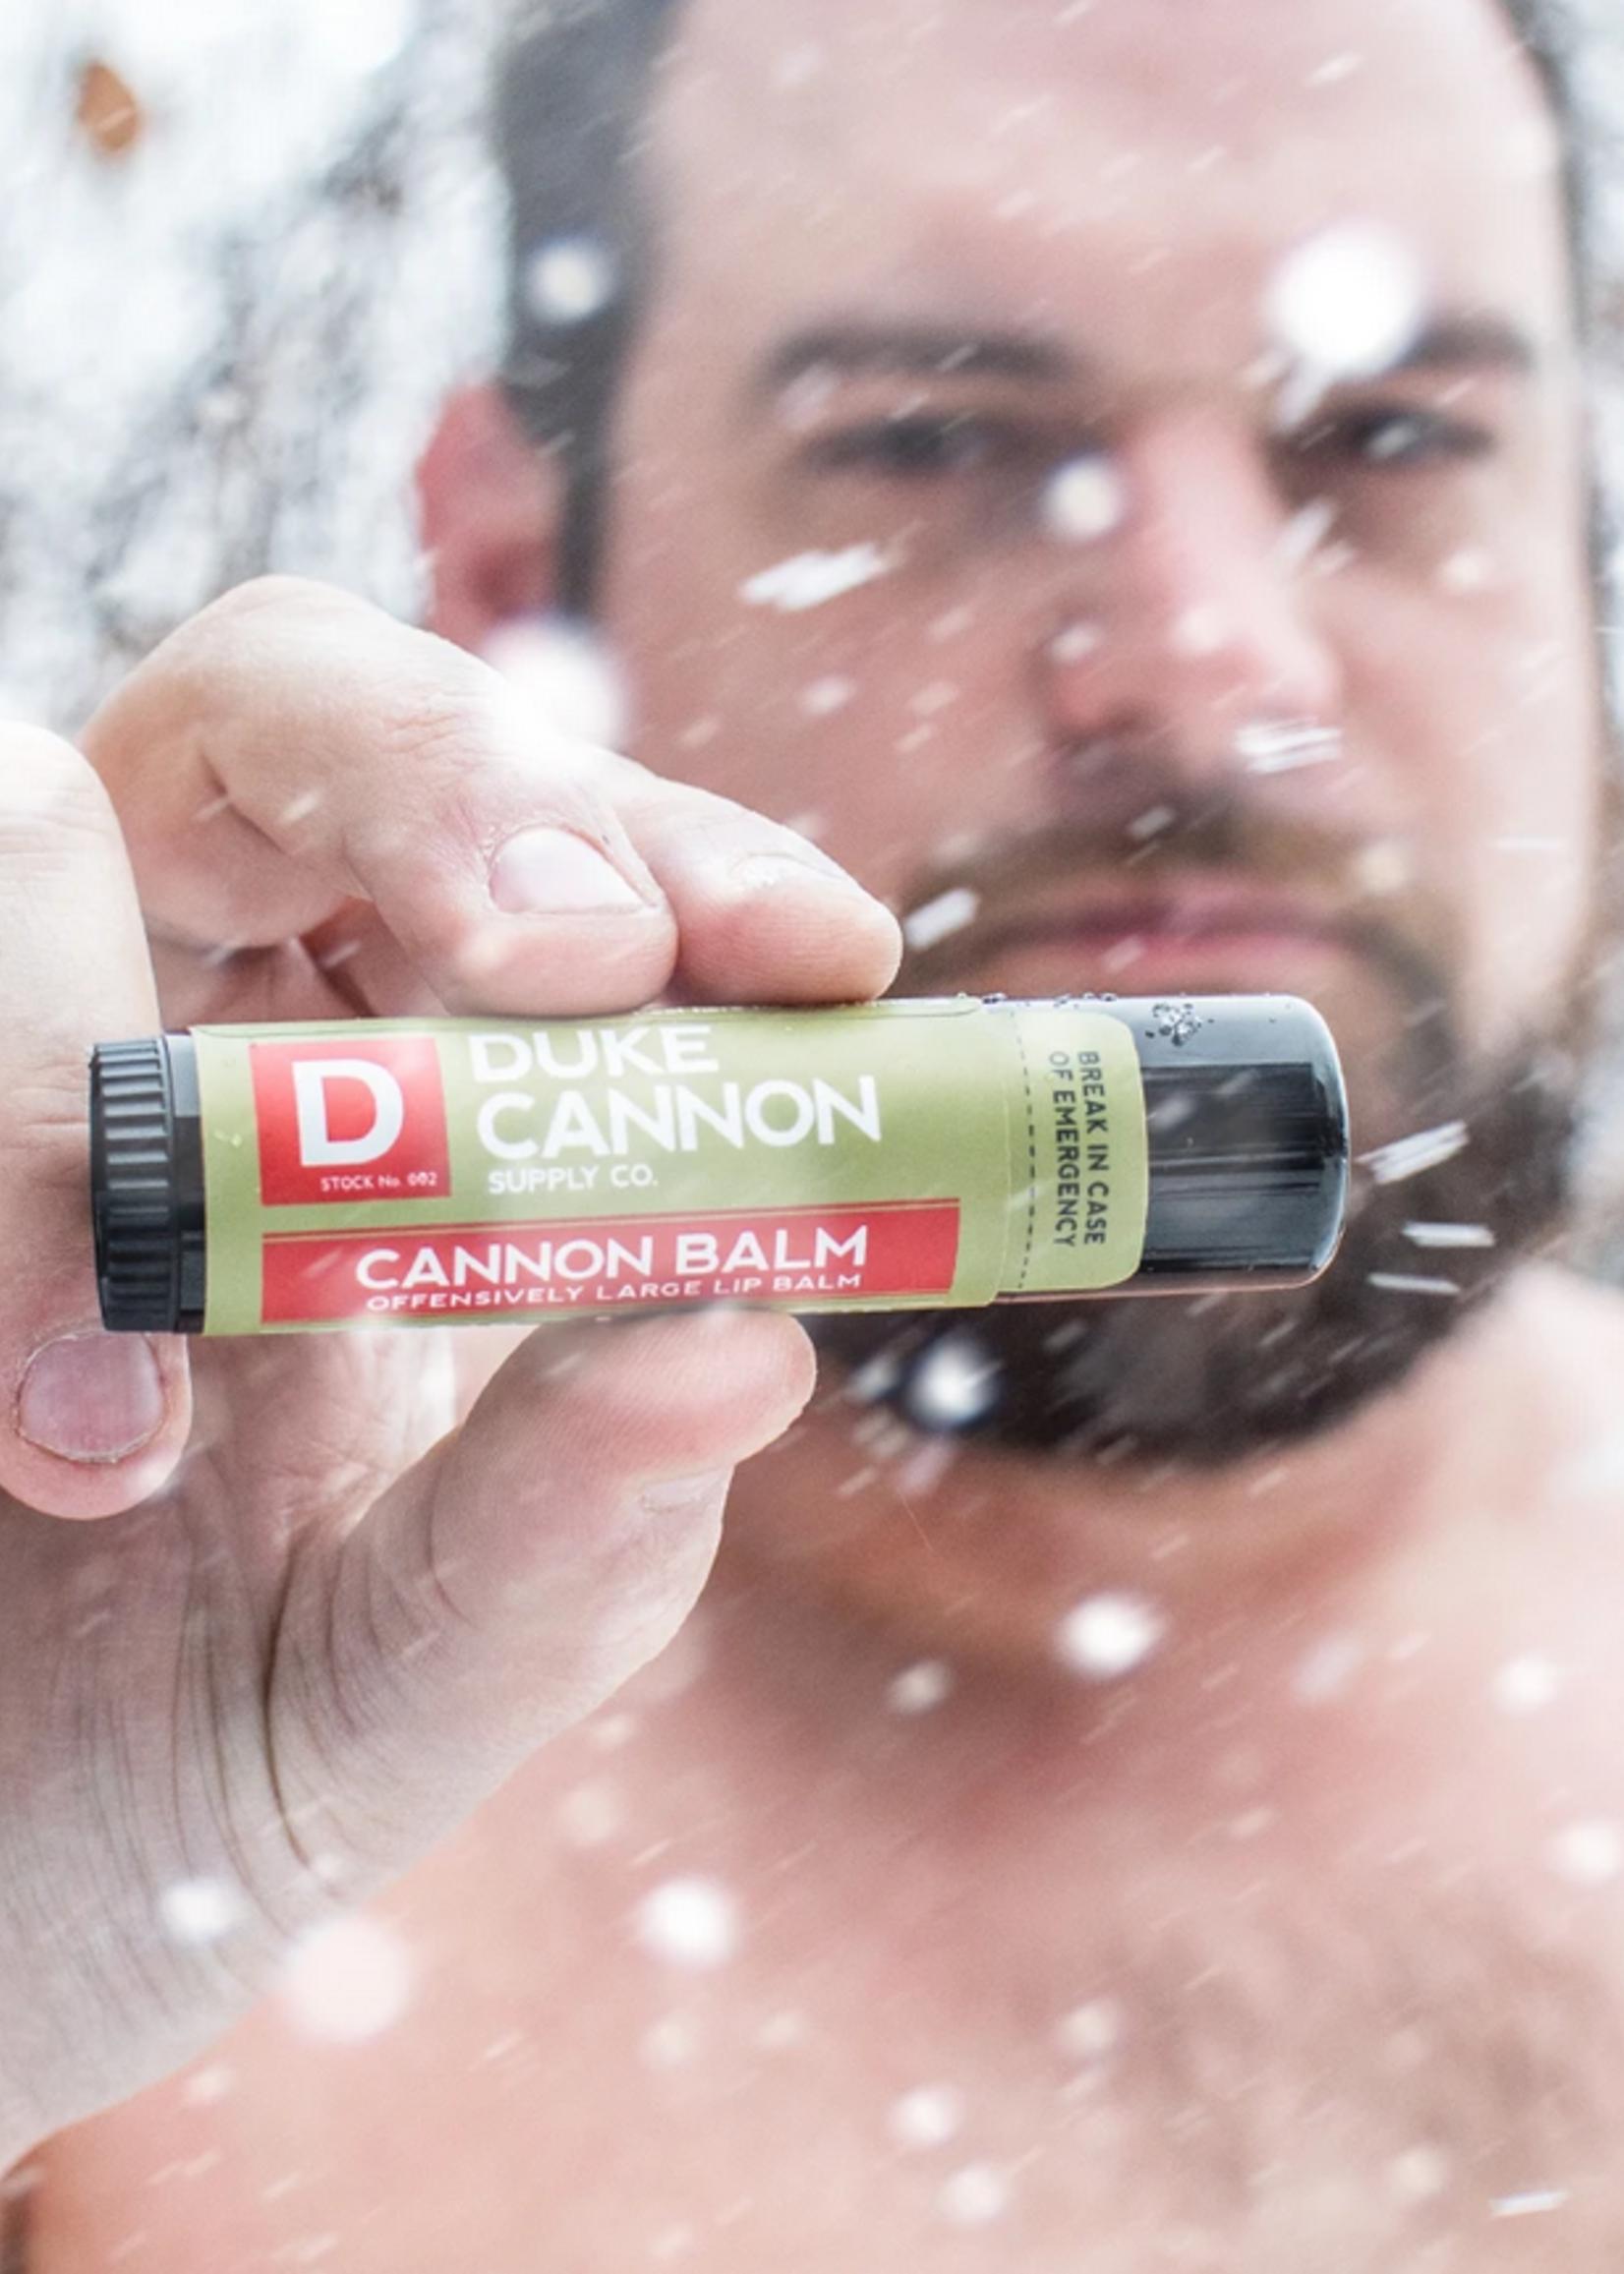 Cannon Balm